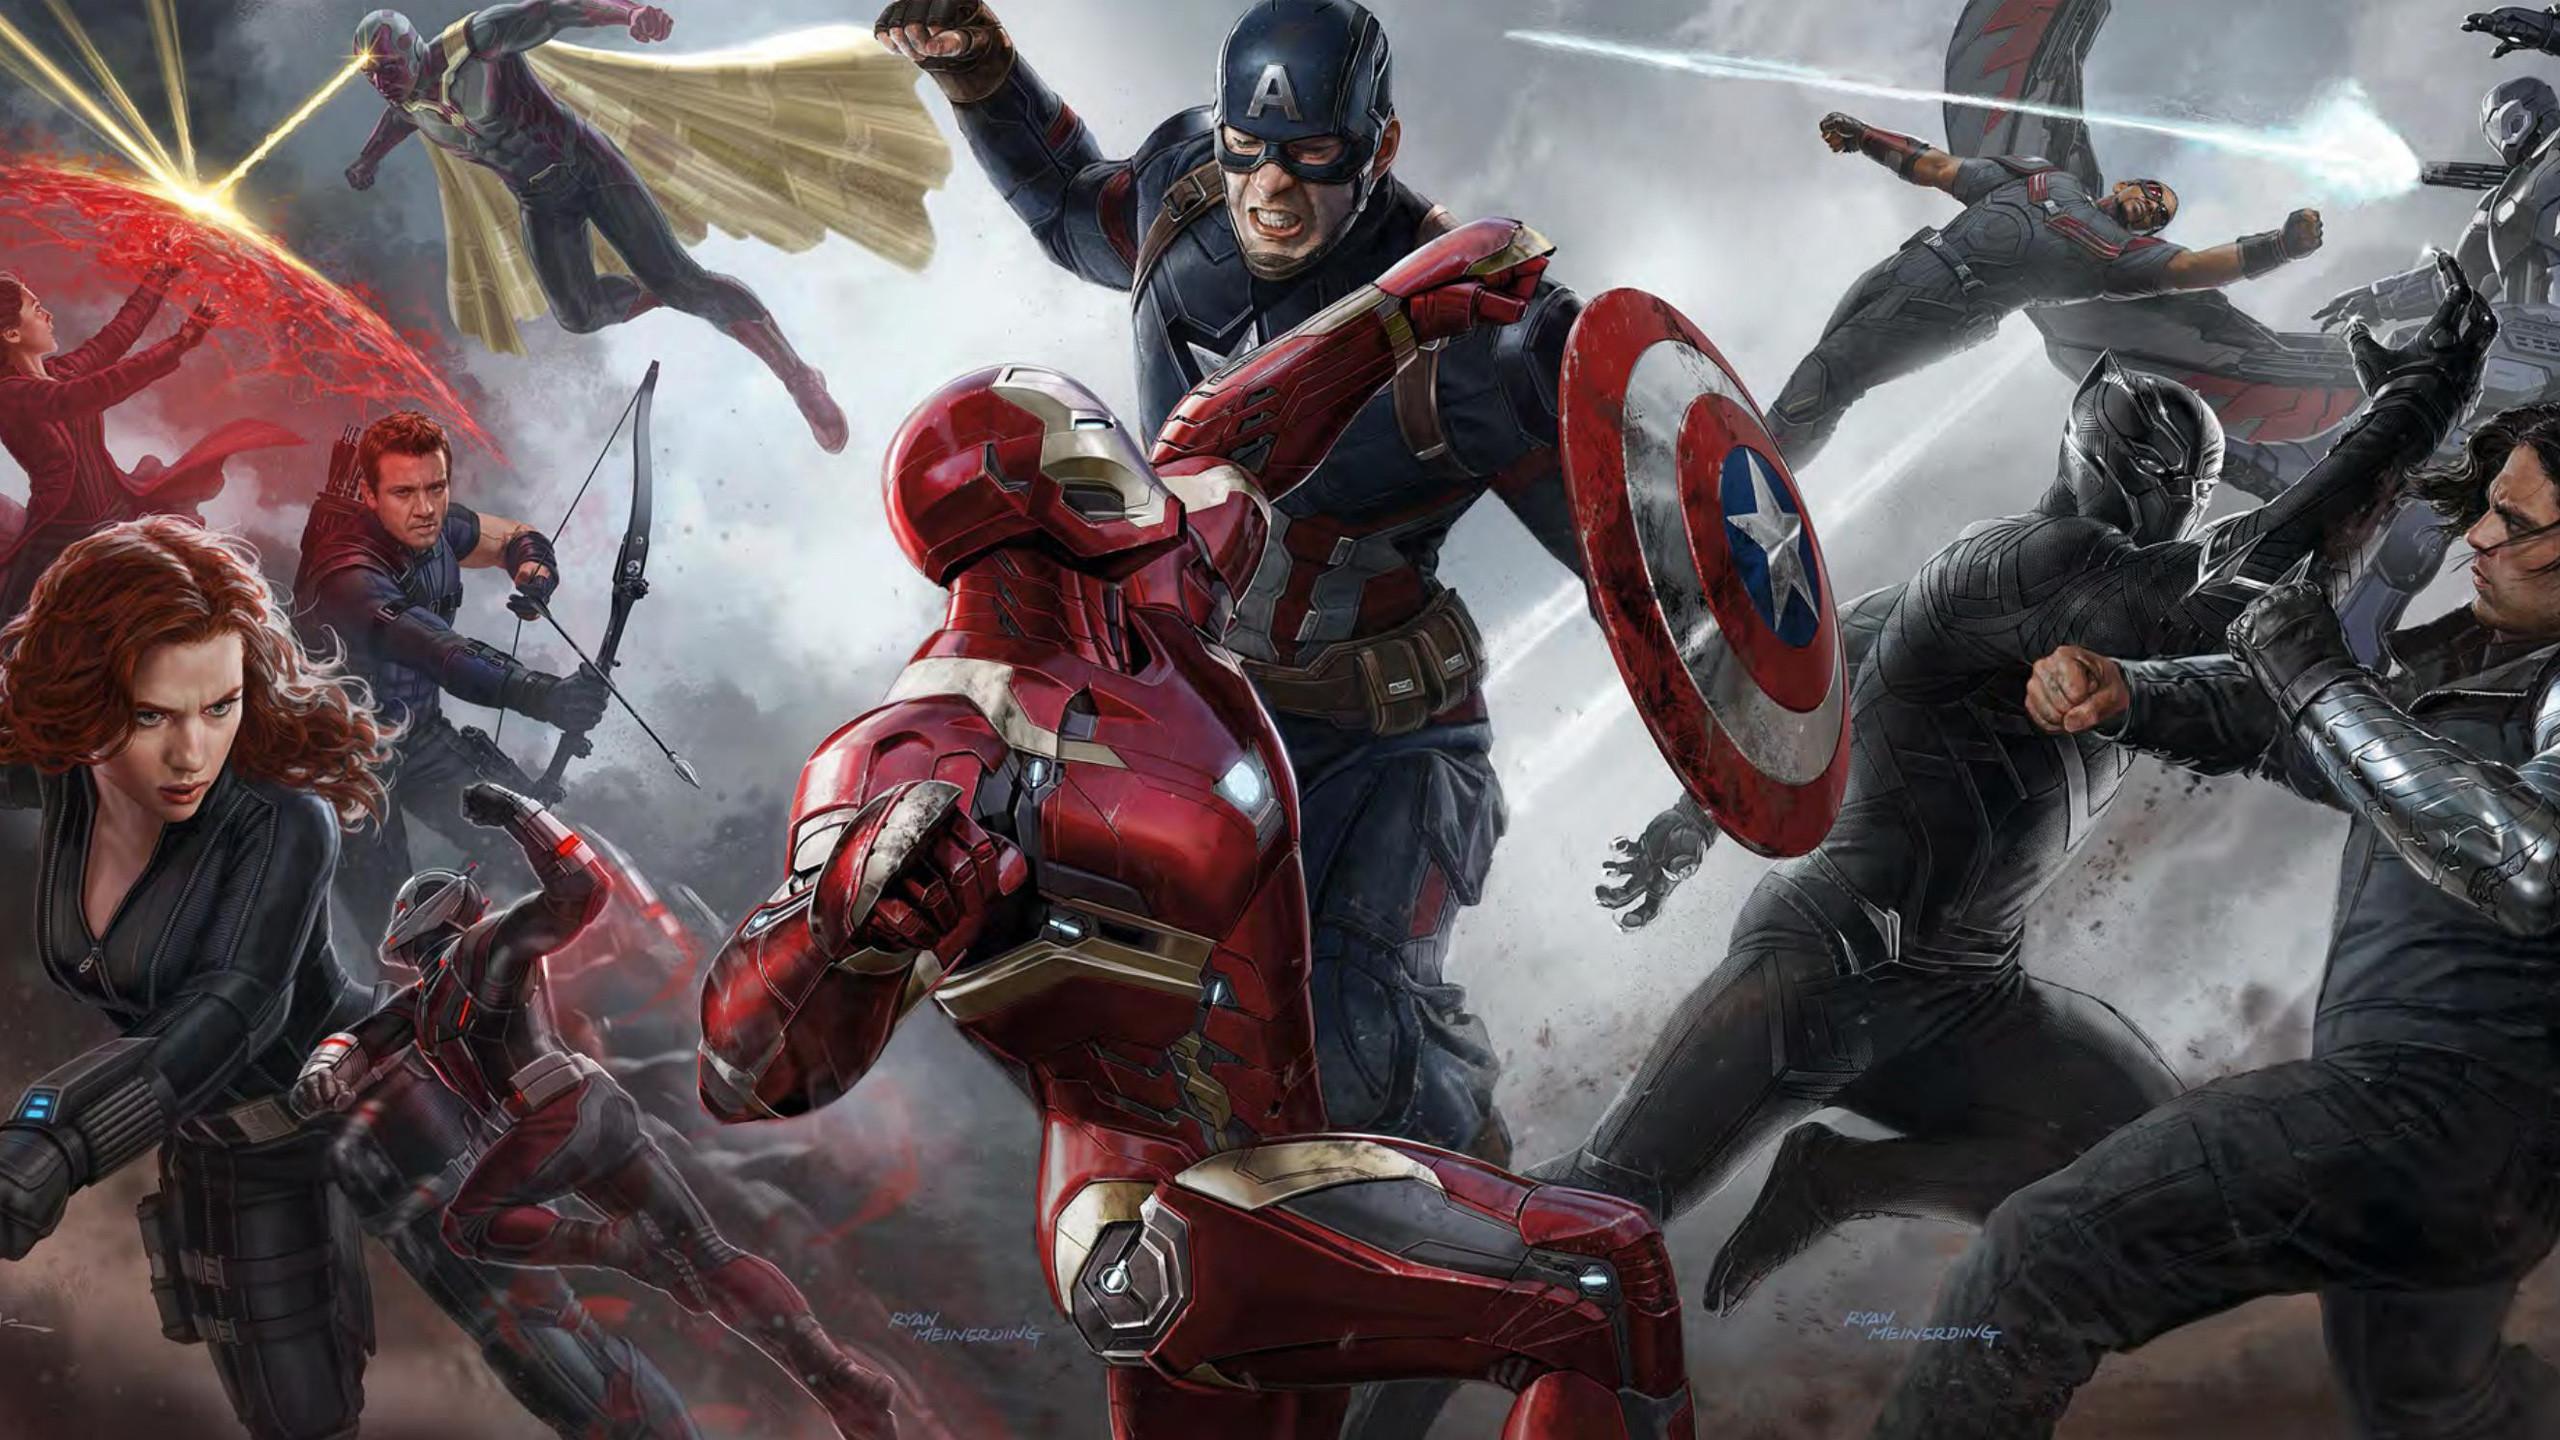 captain america civil war desktop wallpaper (77+ images)